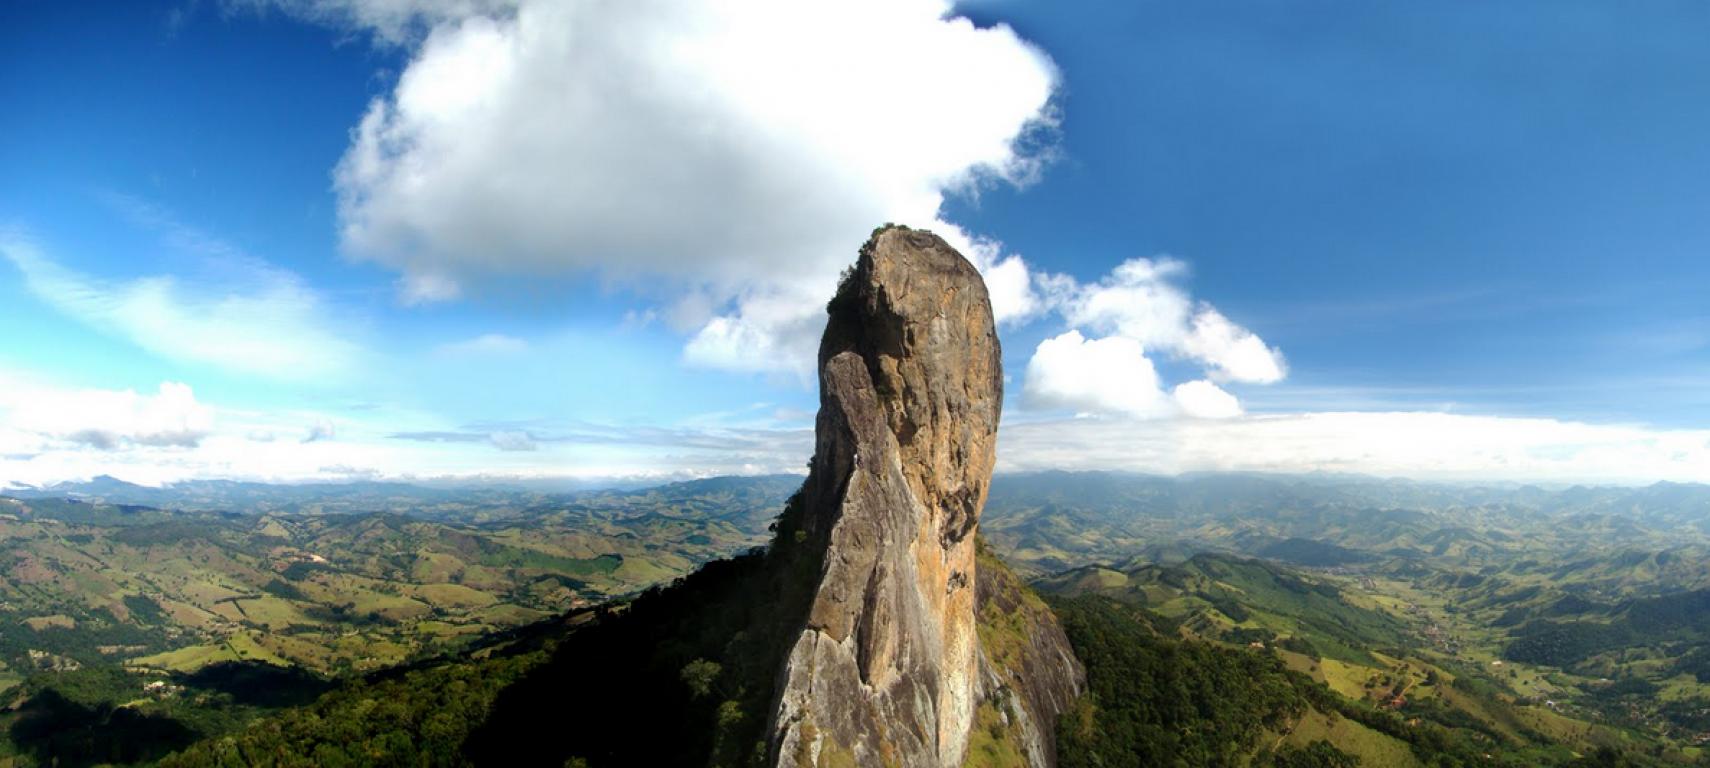 Dica de passeio da semana: Pedra do Baú